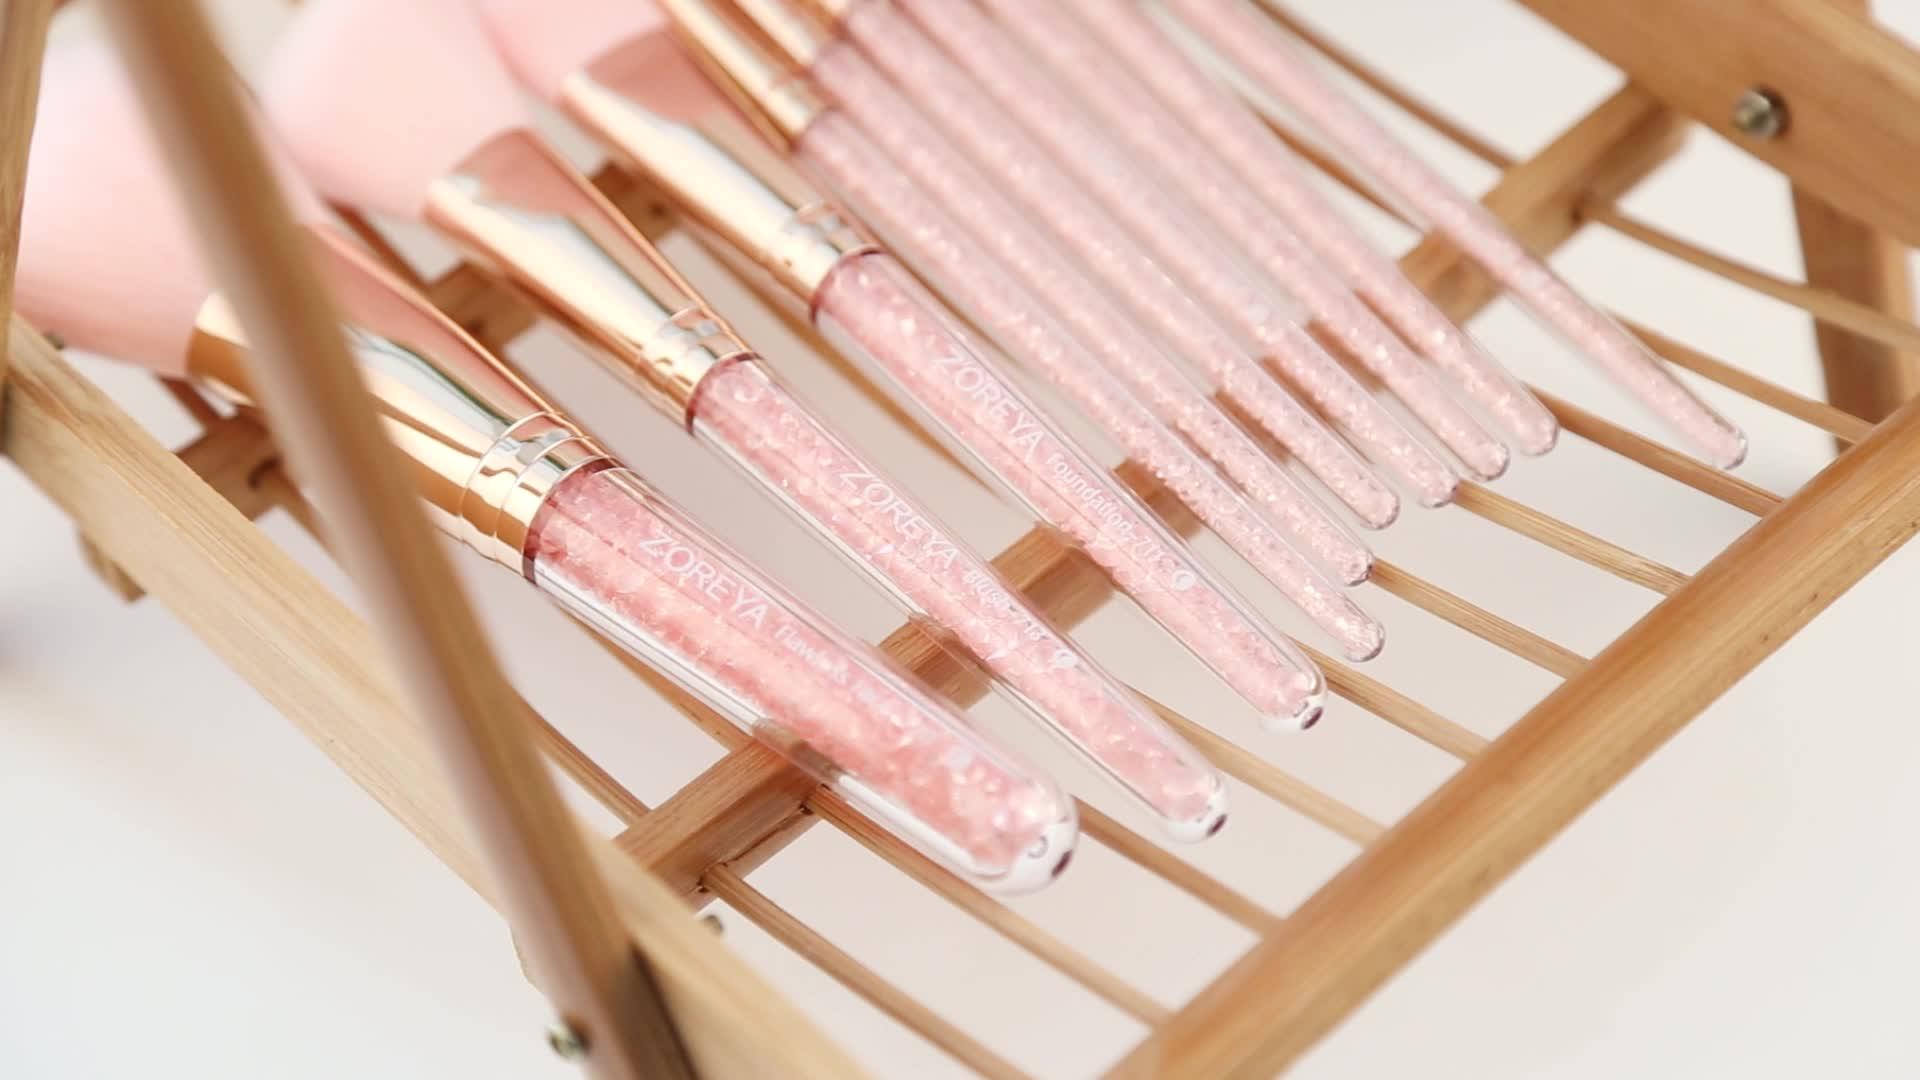 Gül altın Glitter kolu 10 adet kristal elmas fondöten fırça seti PU çanta makyaj fırçaları